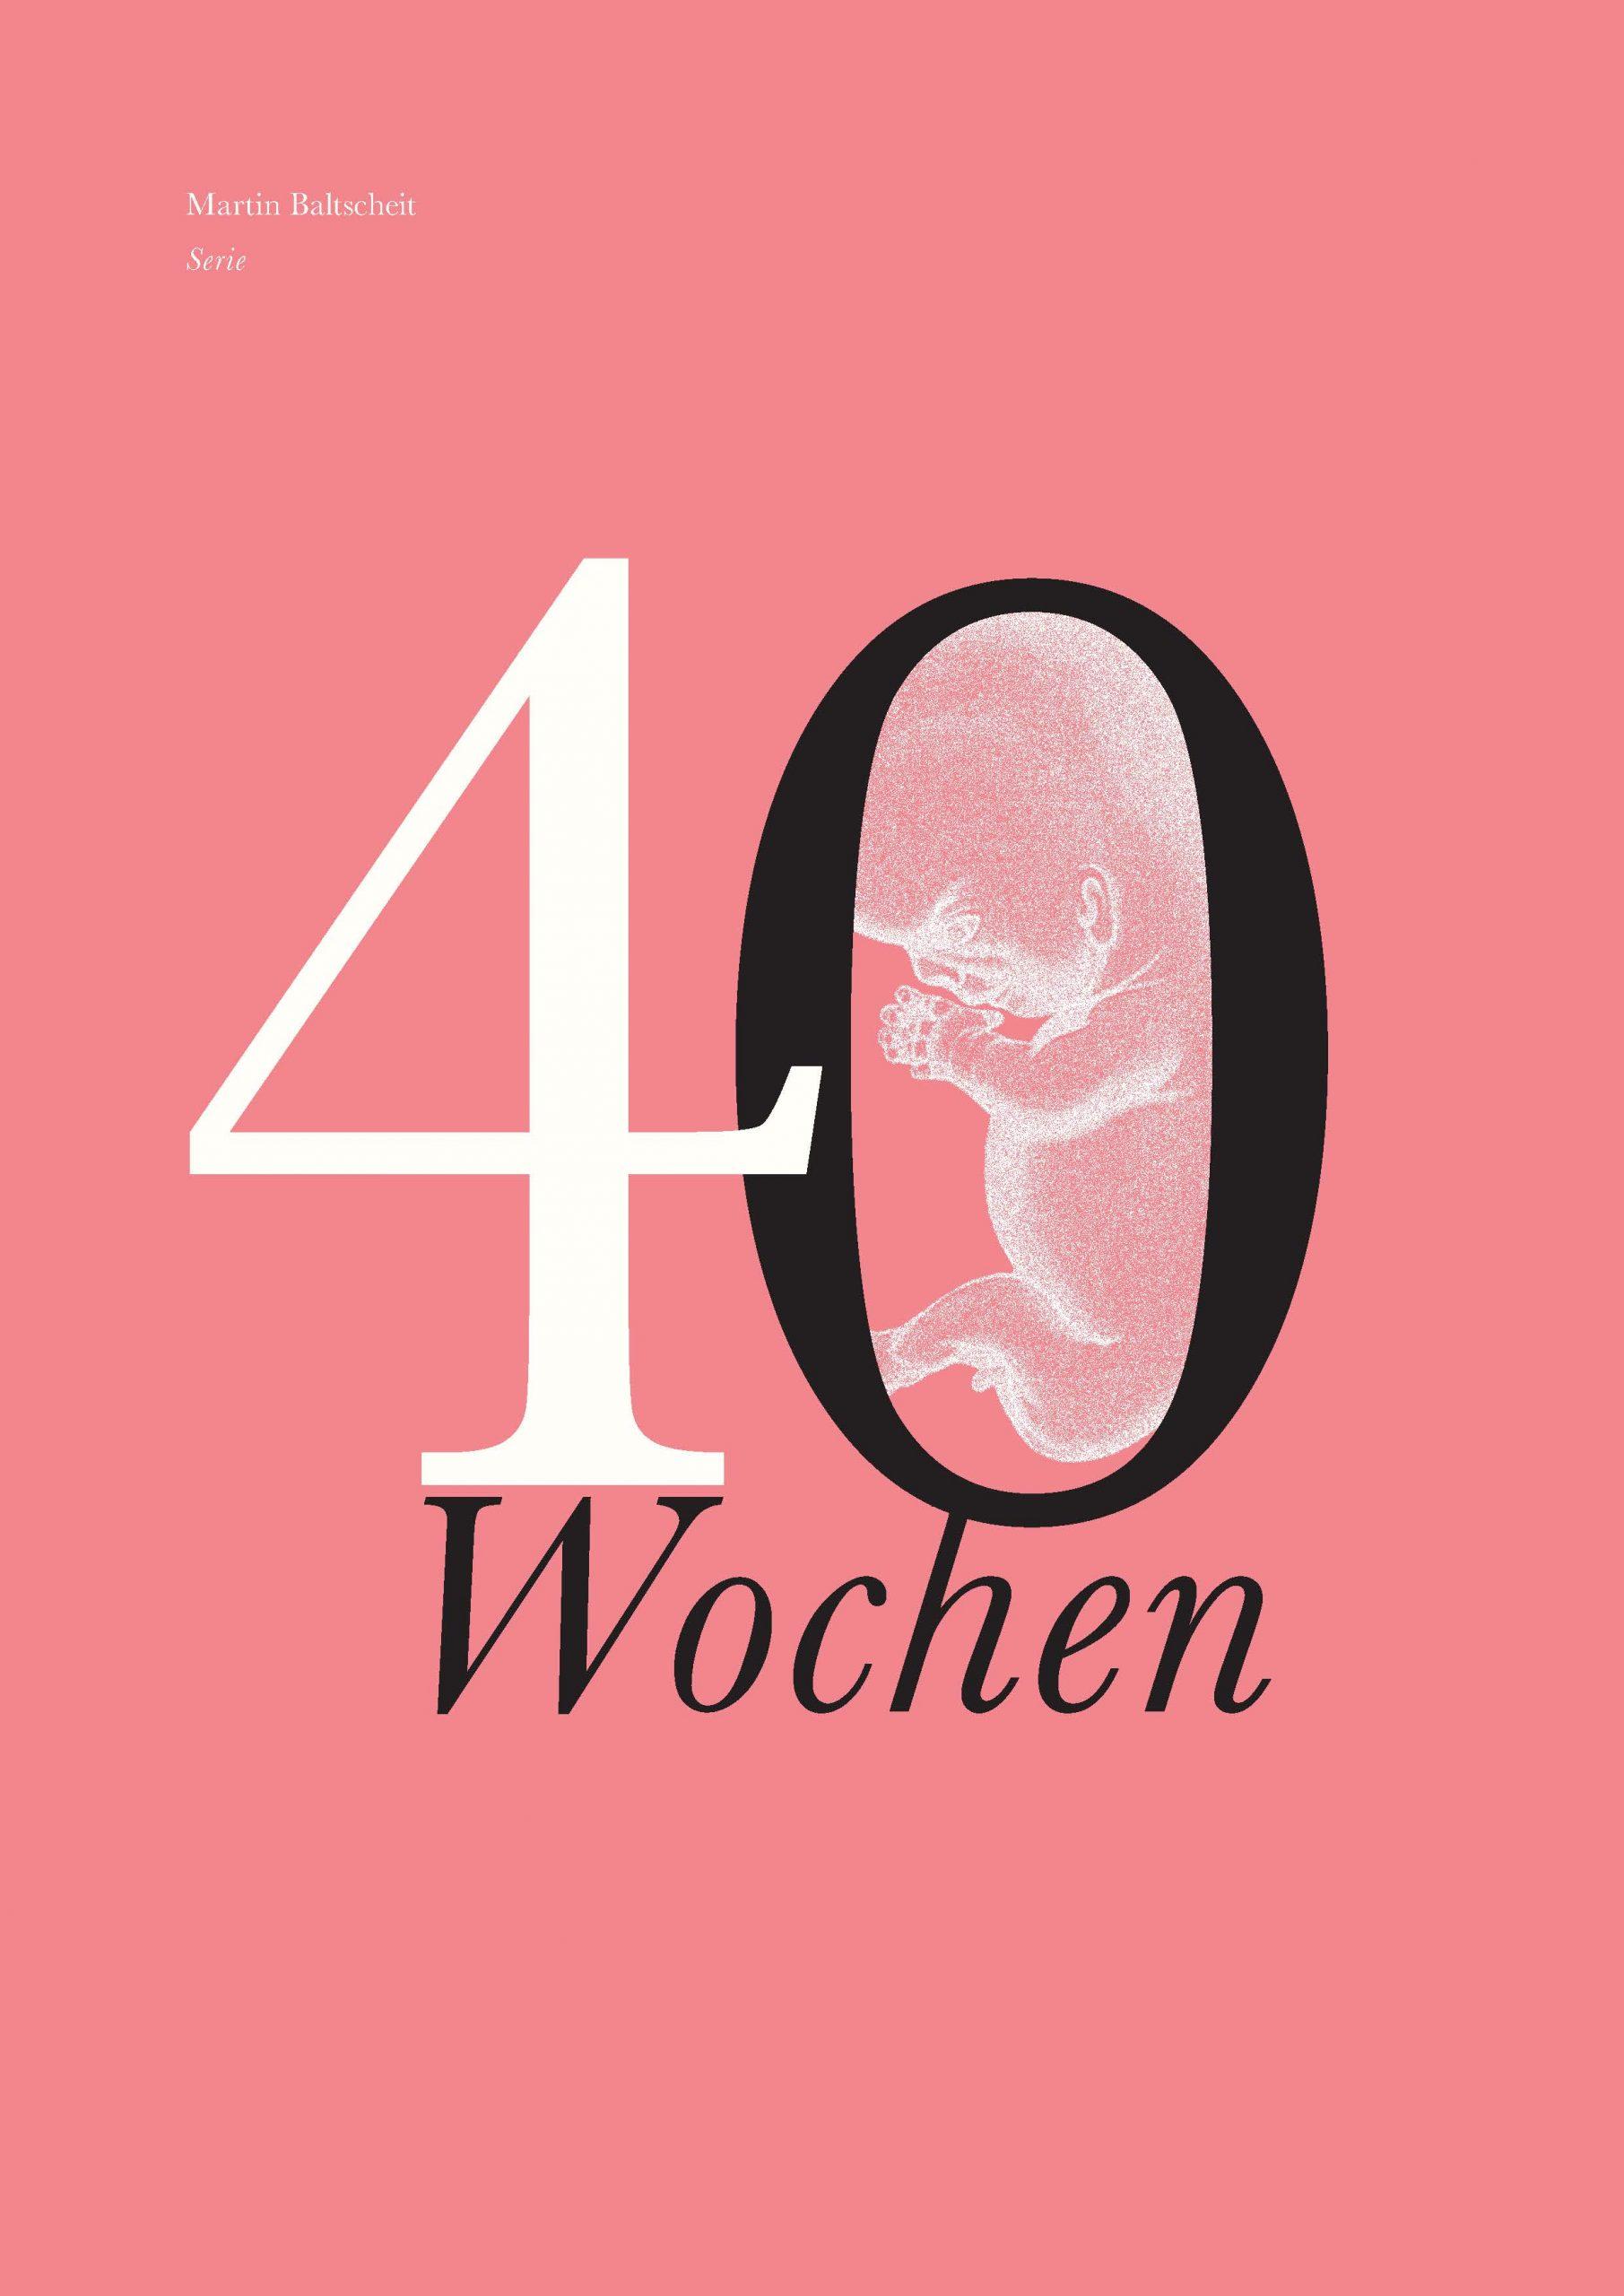 40 Wochen